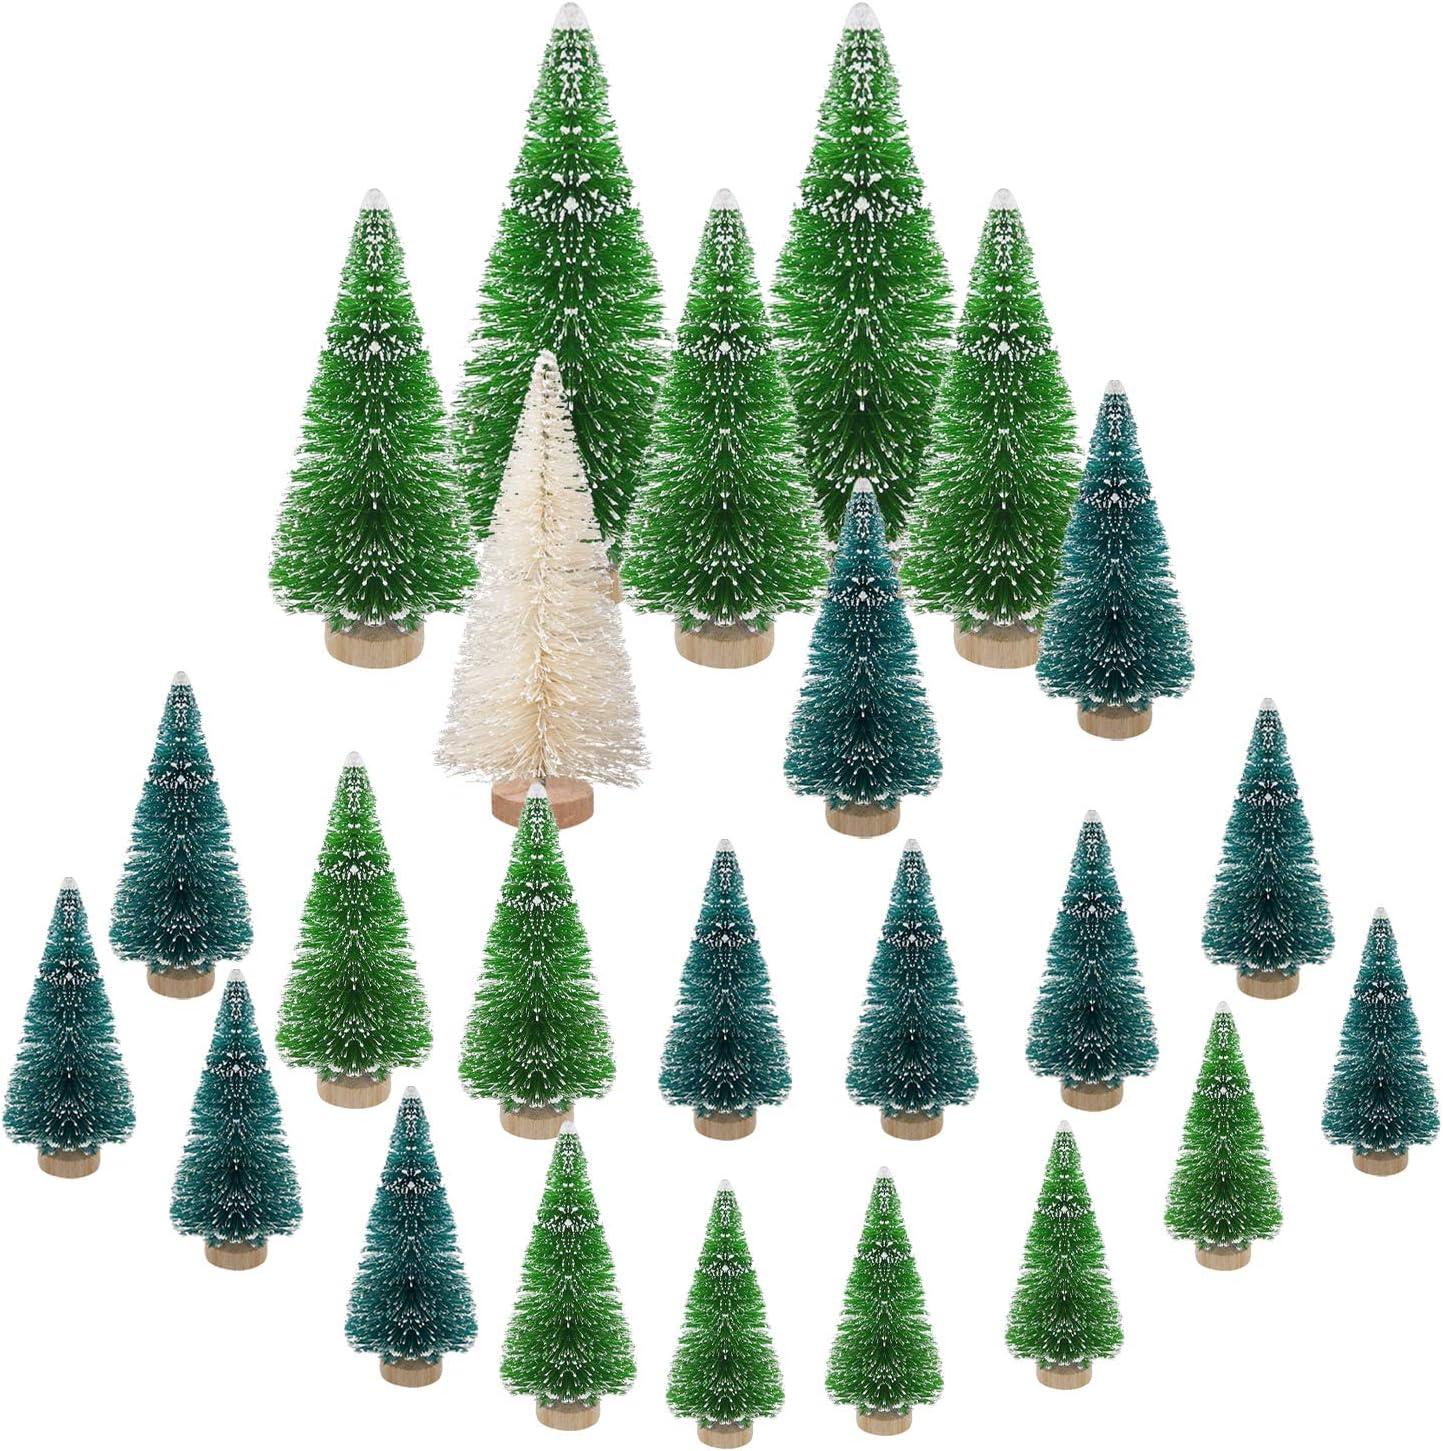 LOVEXIU 24 Pcs Mini áRbol de Navidad,DecoracióN NavideñA,Abeto Artificial,áRbol de Nieve,Se Puede Utilizar para DecoracióN del Hogar,Fiesta de Navidad,Regalos para NiñOs,Micro Paisaje Verde Blanco